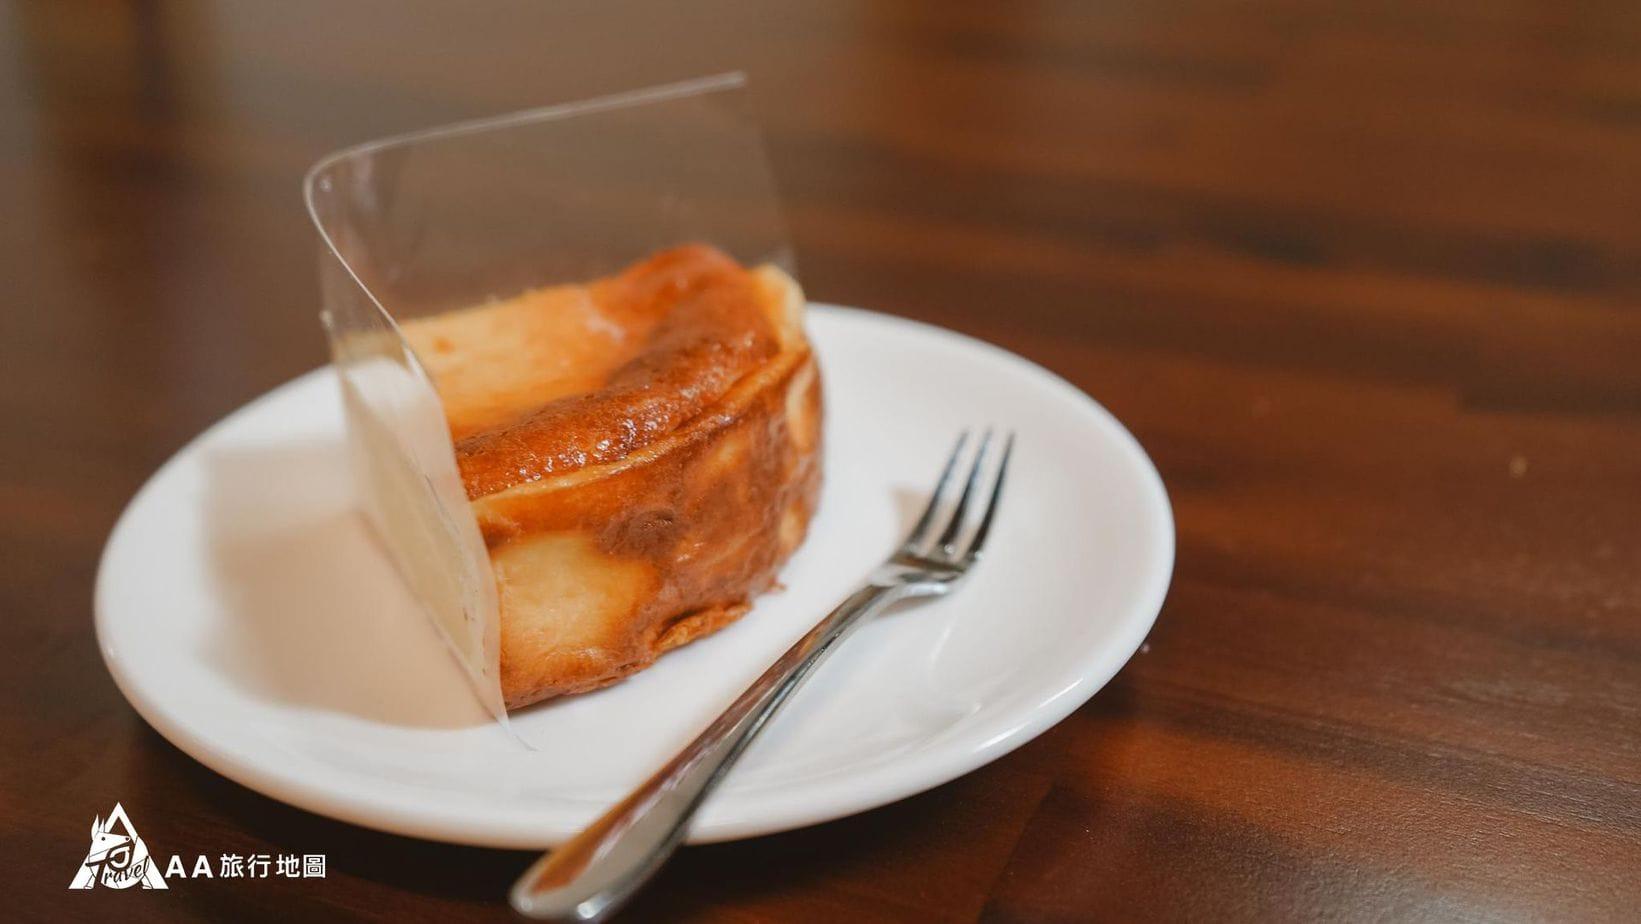 行荷居 巴斯克乳酪蛋糕(原味)